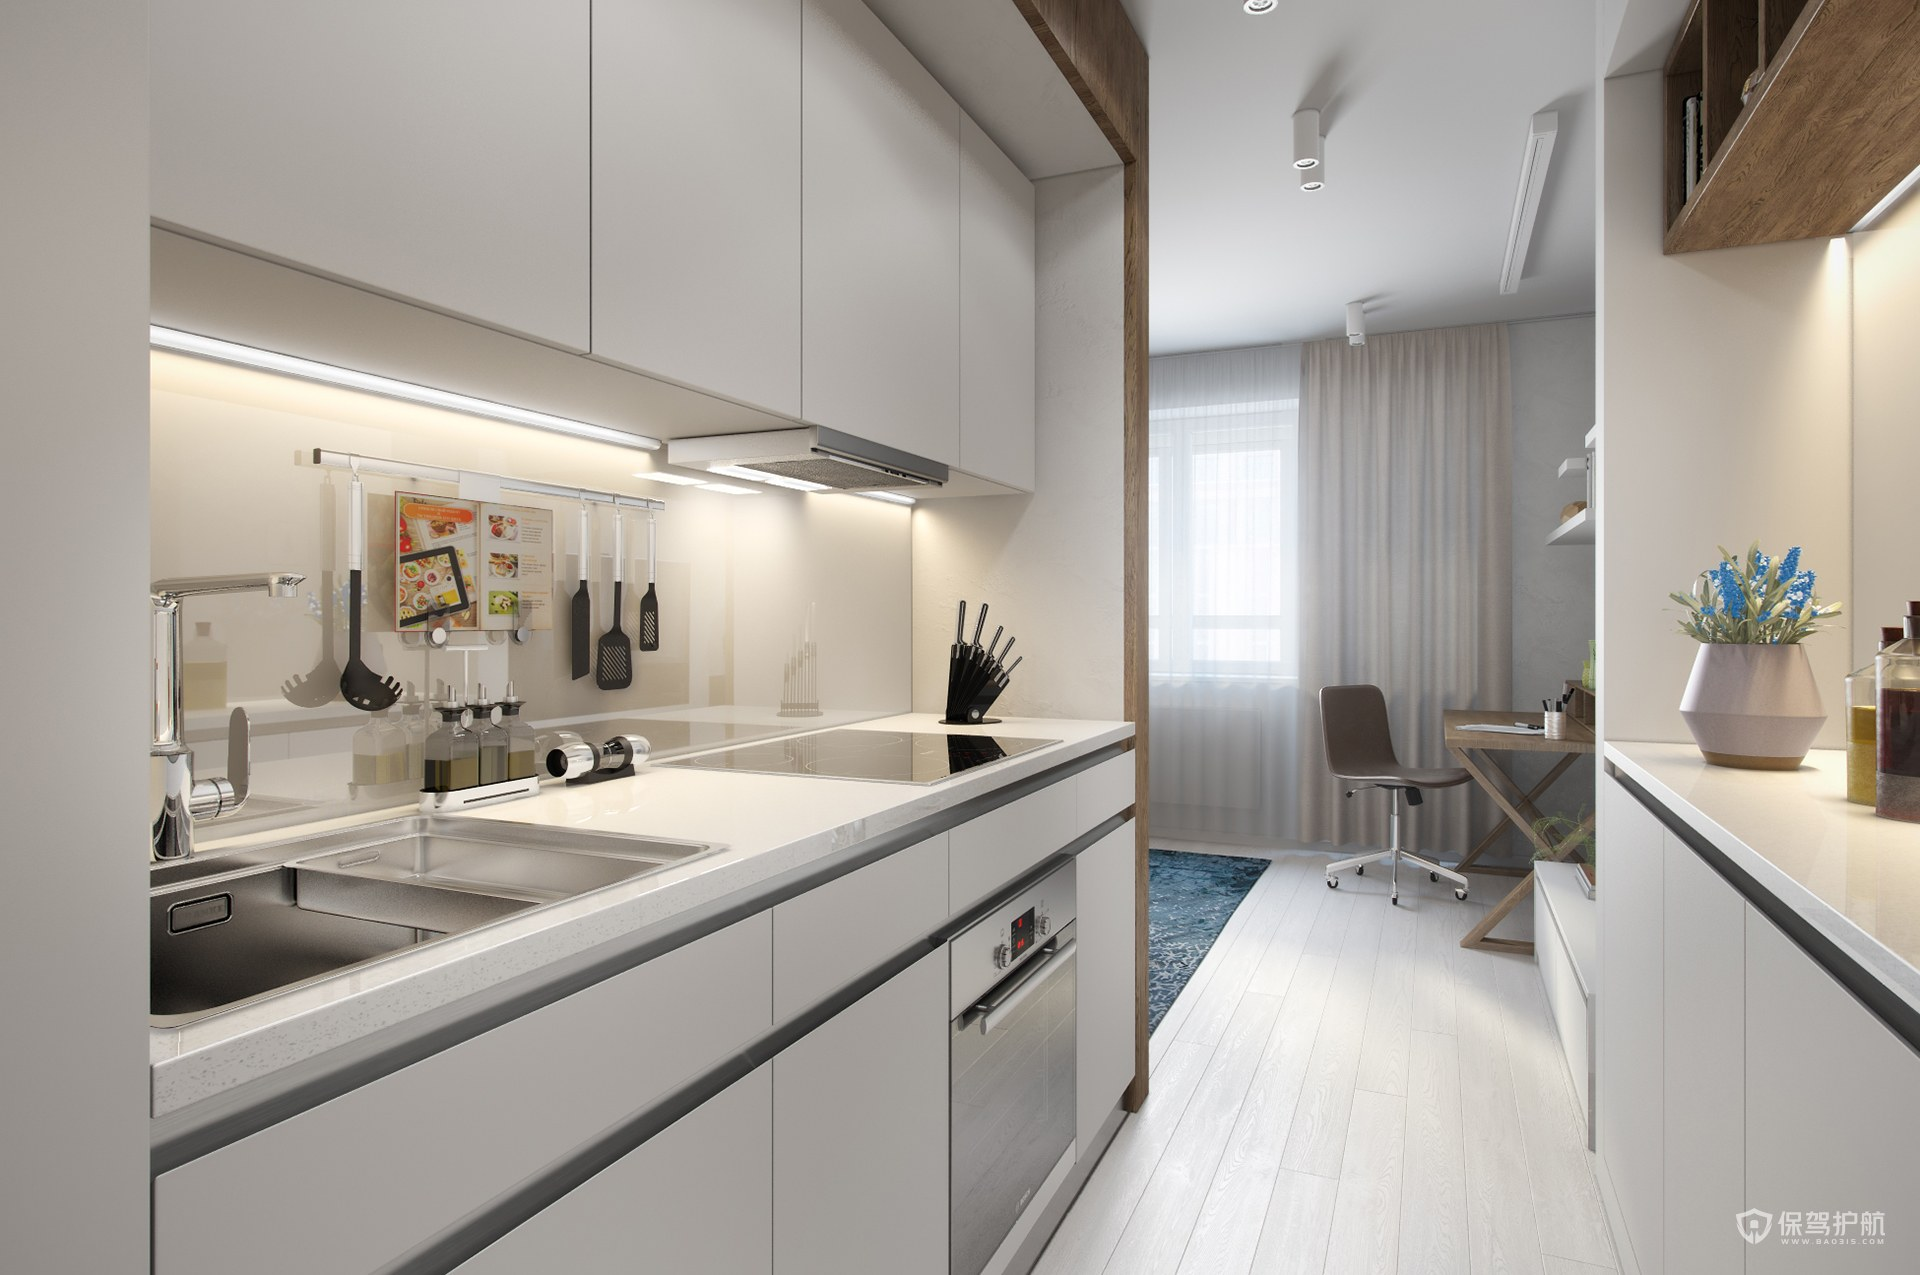 50平简约风公寓厨房装修效果图